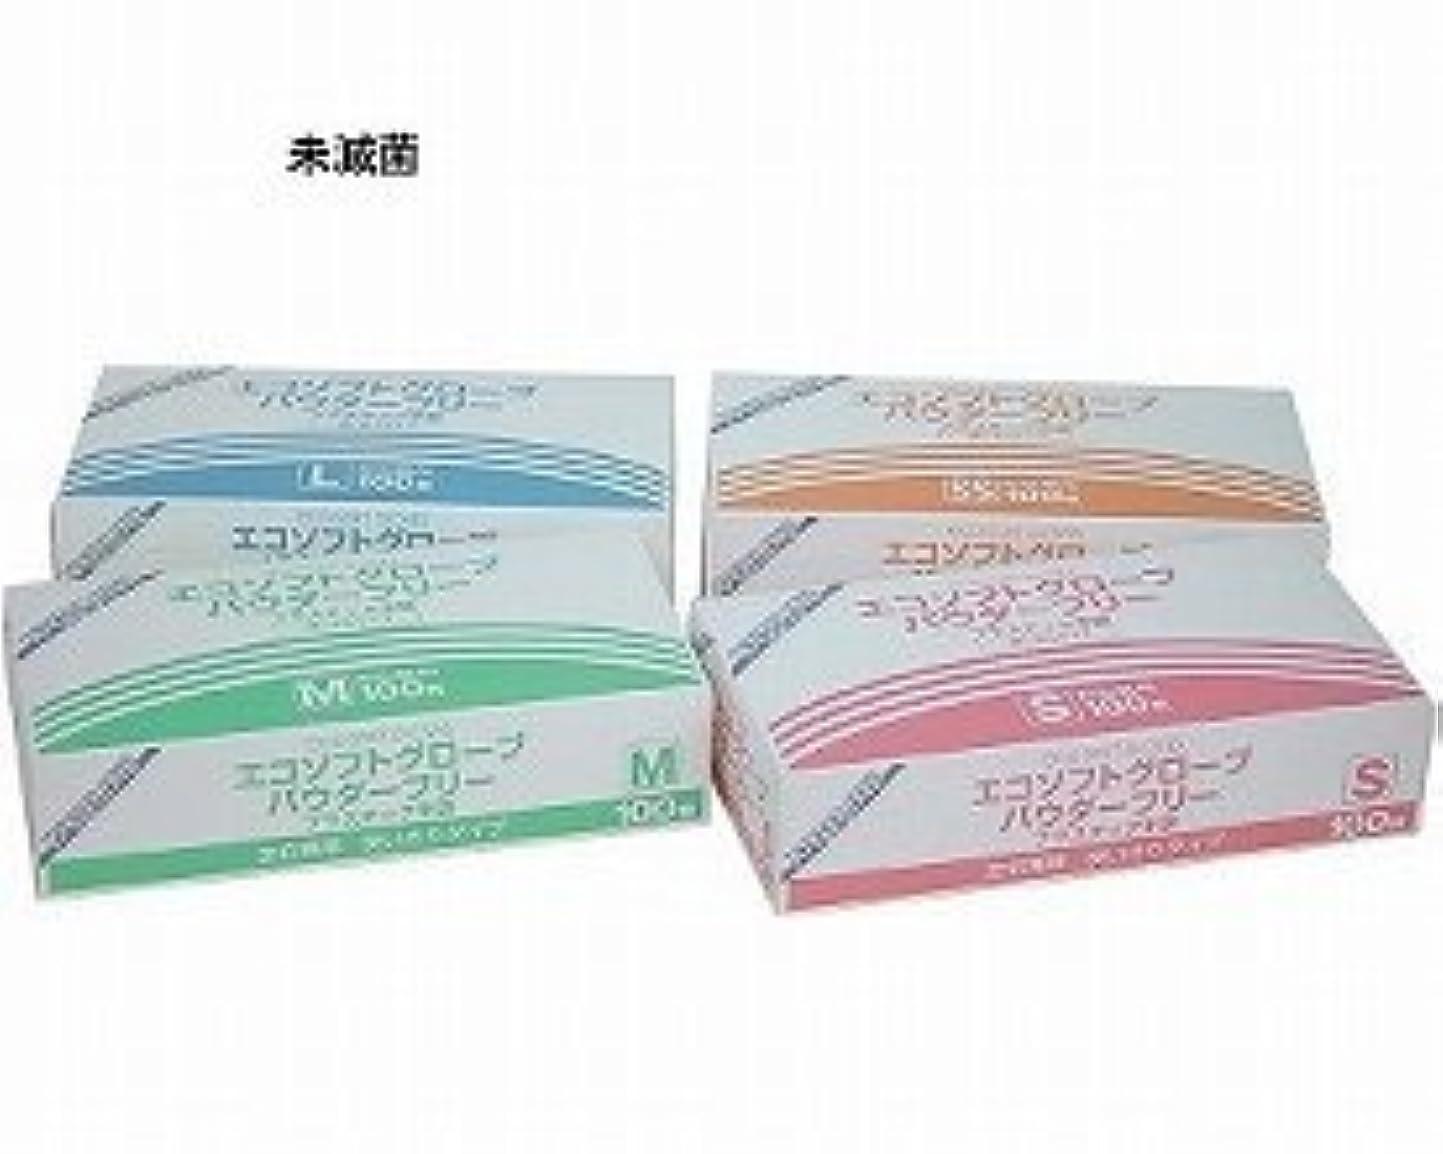 罰ありがたい割るエコソフトグローブ パウダーフリー OM-370 100枚×20箱 Lサイズ (L)